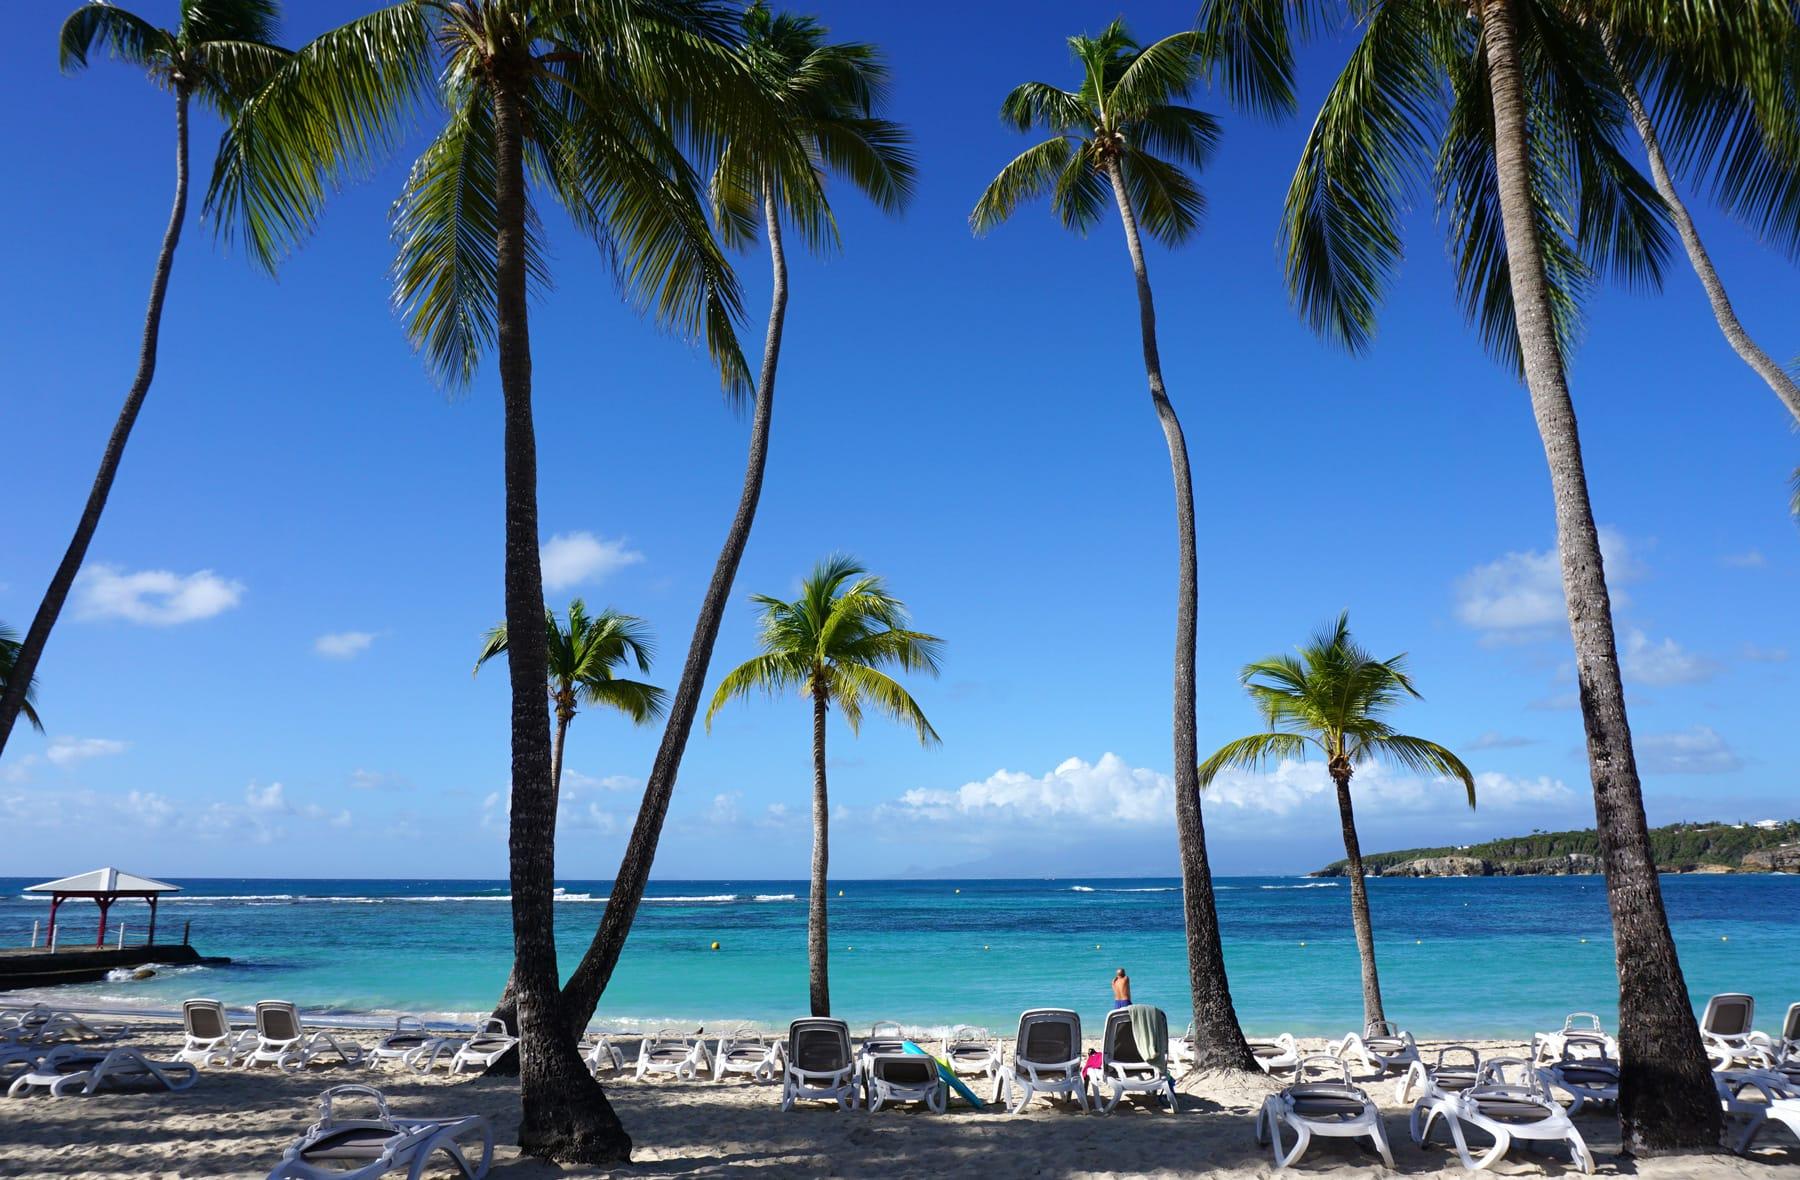 Plage du club Med Guadeloupe - Plage de la Caravelle